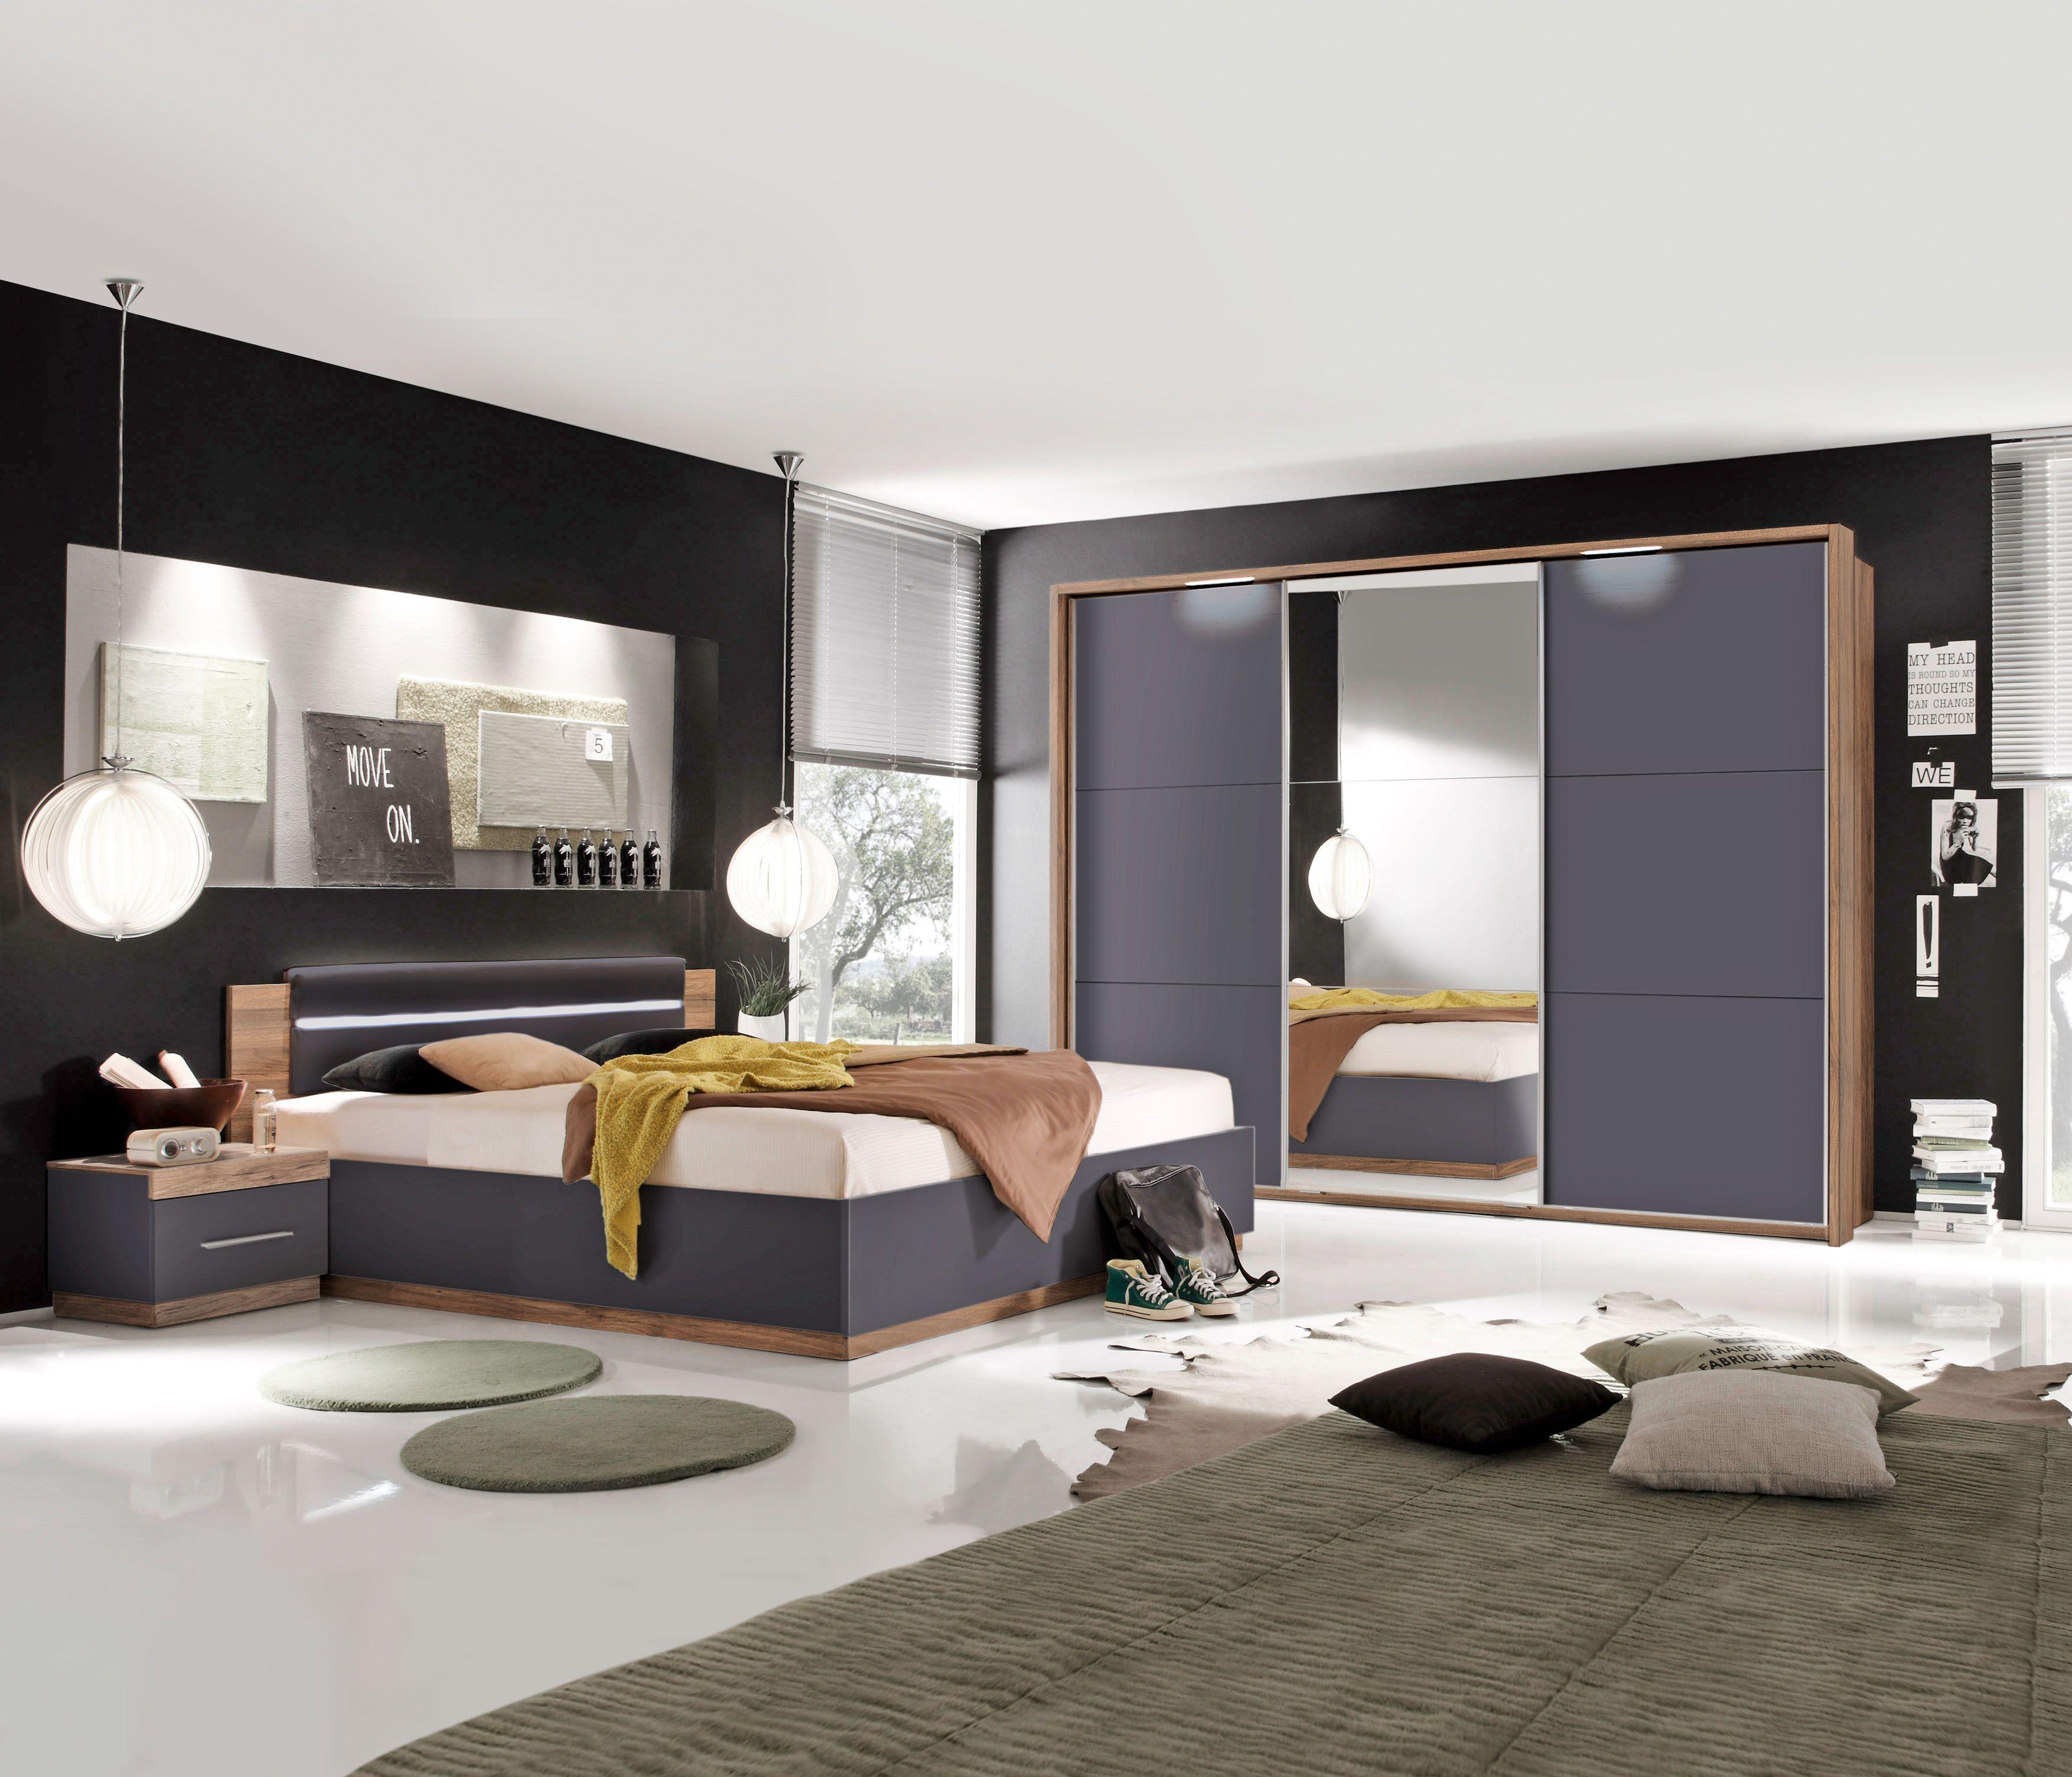 nach hause kommen und wohlf hlen mit qualit t einrichten und dekorieren schlafzimmer co. Black Bedroom Furniture Sets. Home Design Ideas